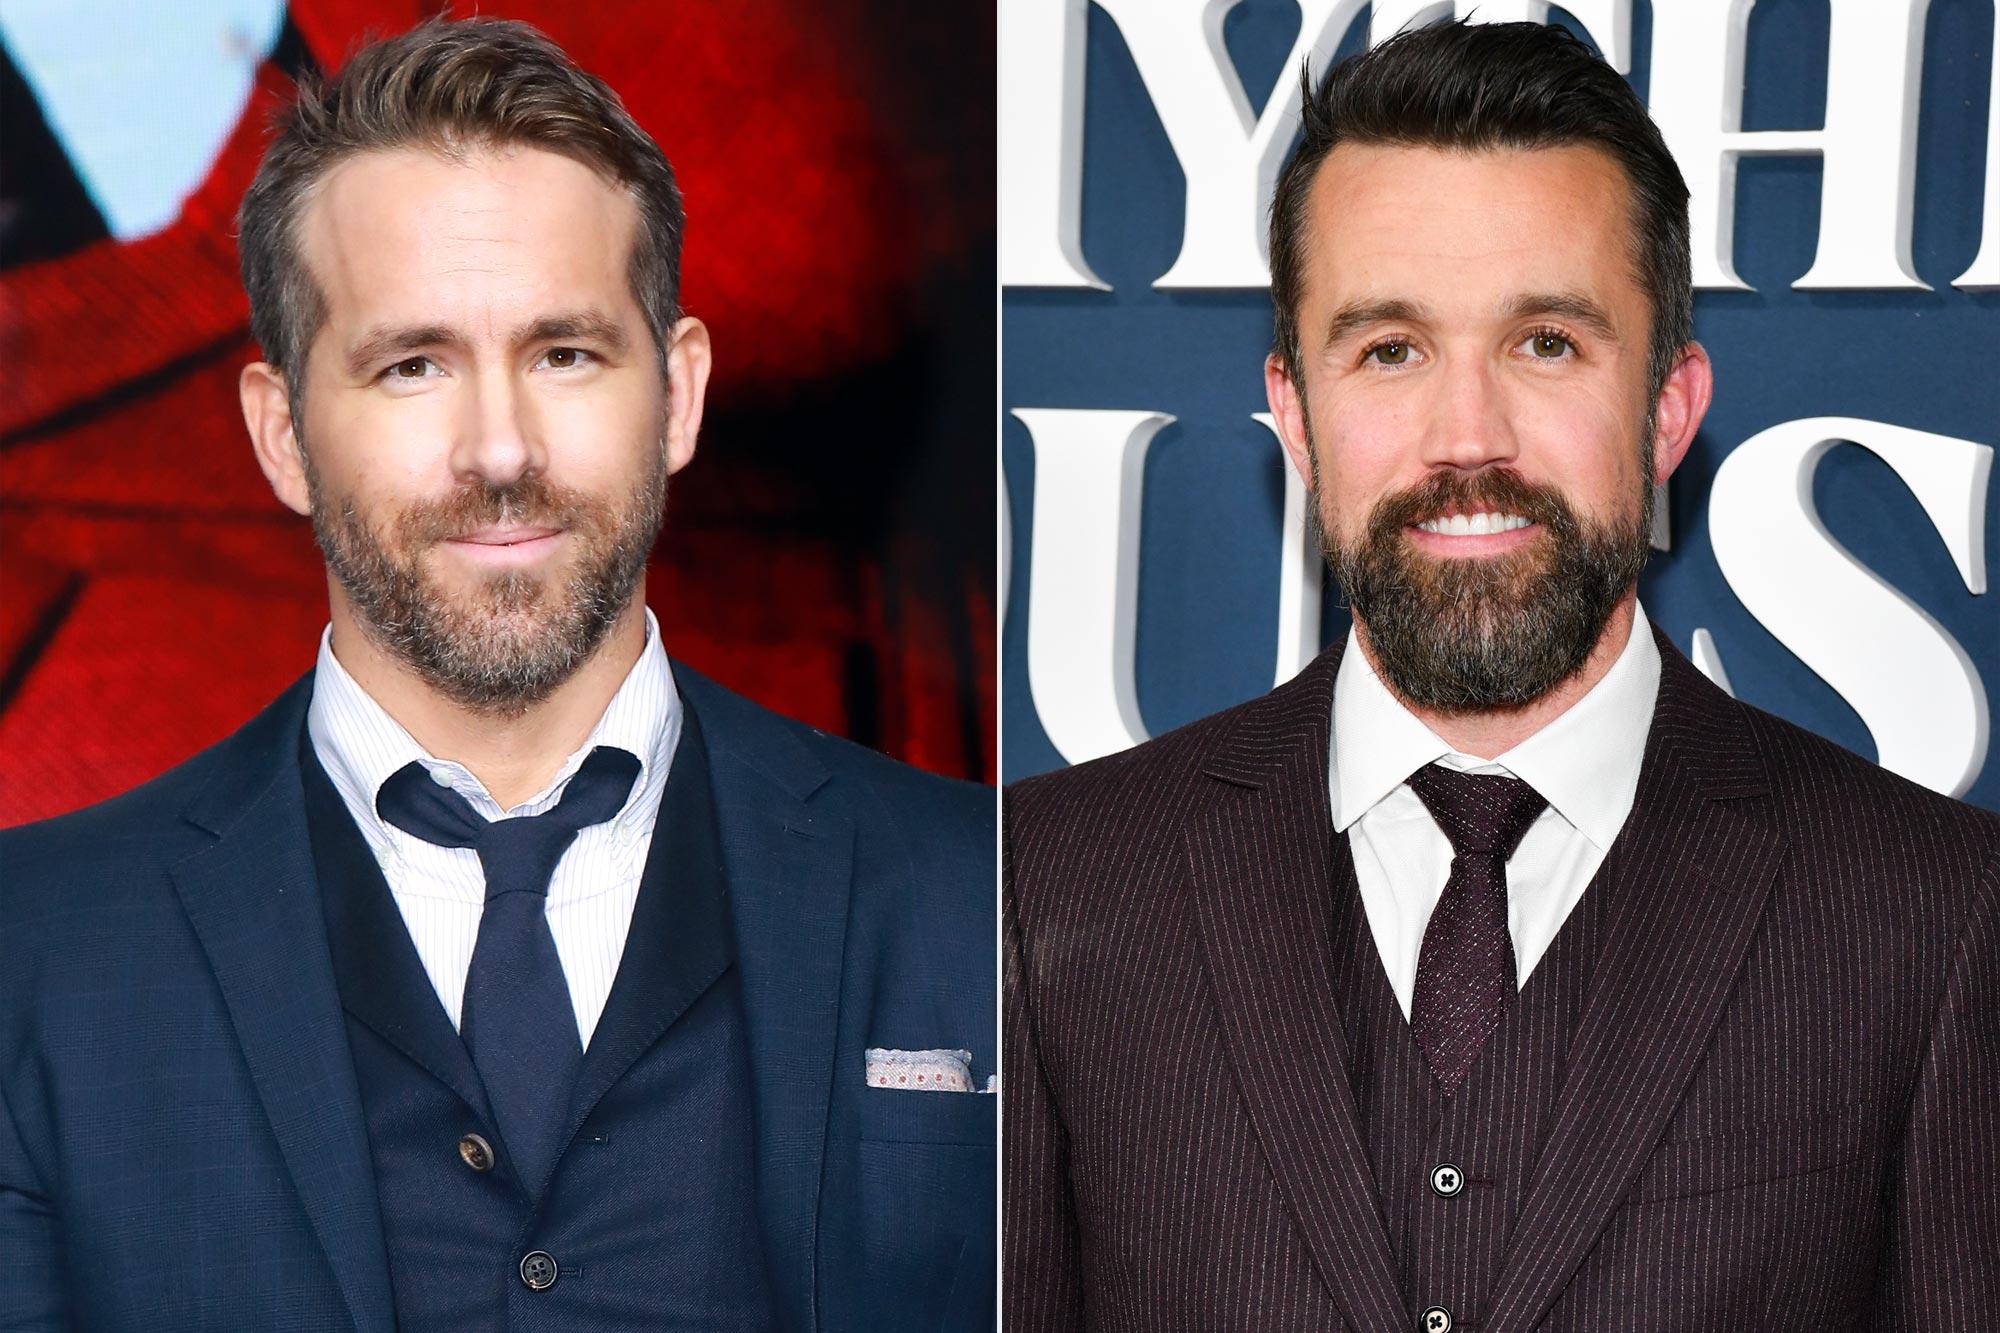 Ryan Reynolds and Rob McElhenney buy Welsh football club Wrexham AFC